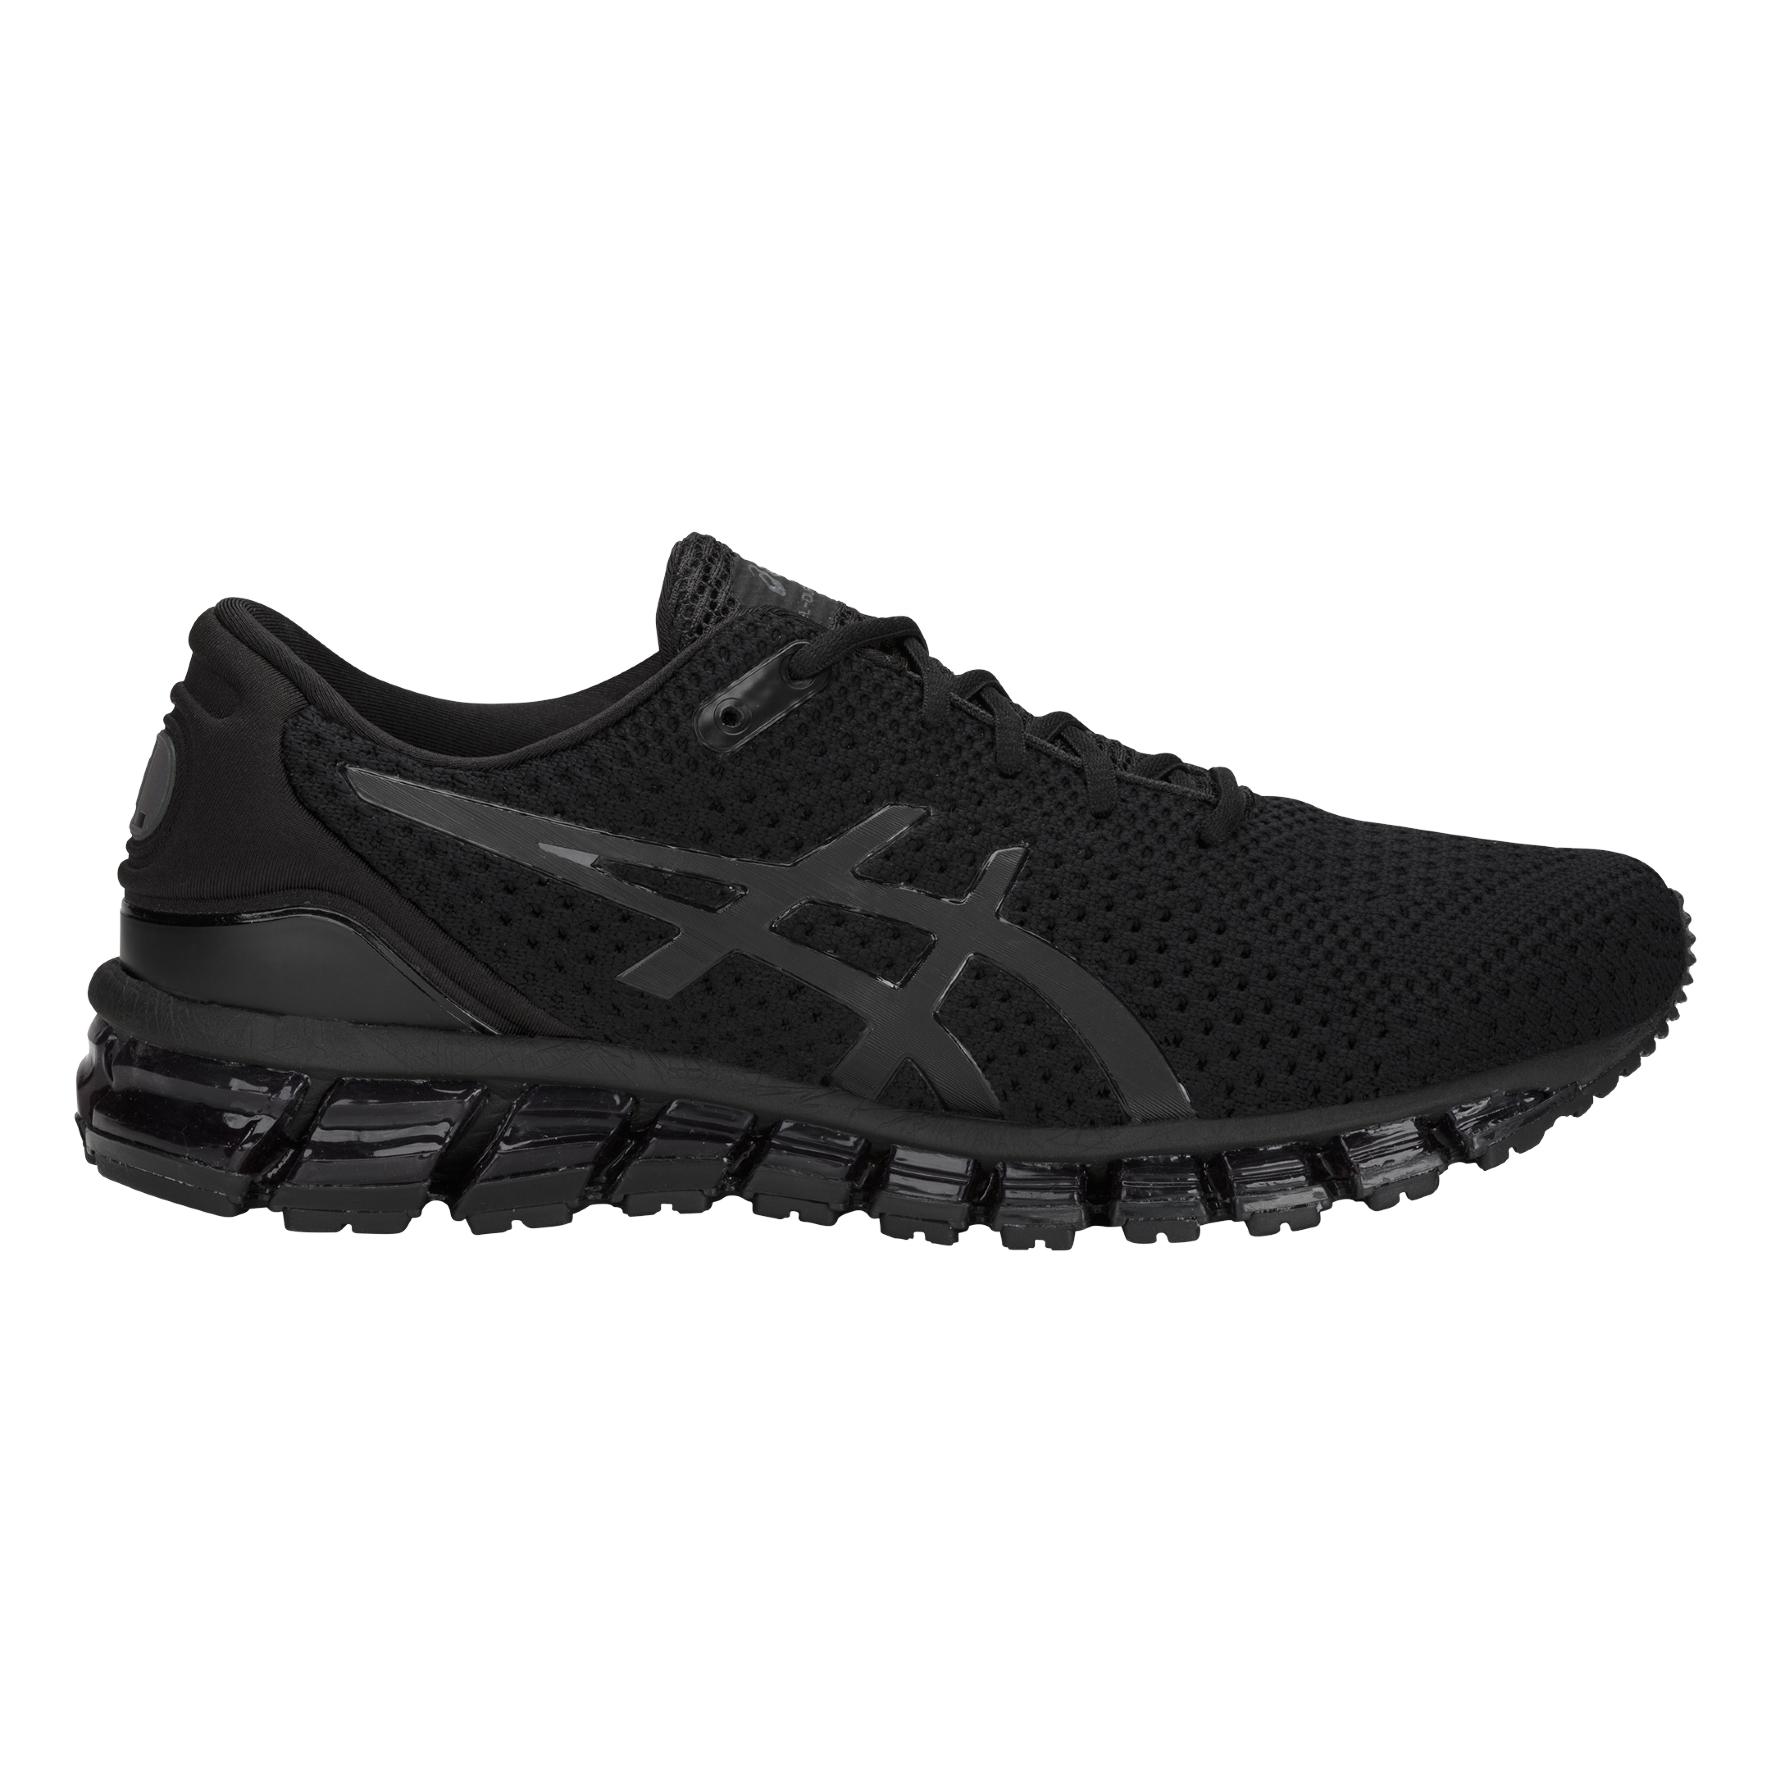 04c4fc916c Chaussures Asics Gel-Quantum 360 knit 2